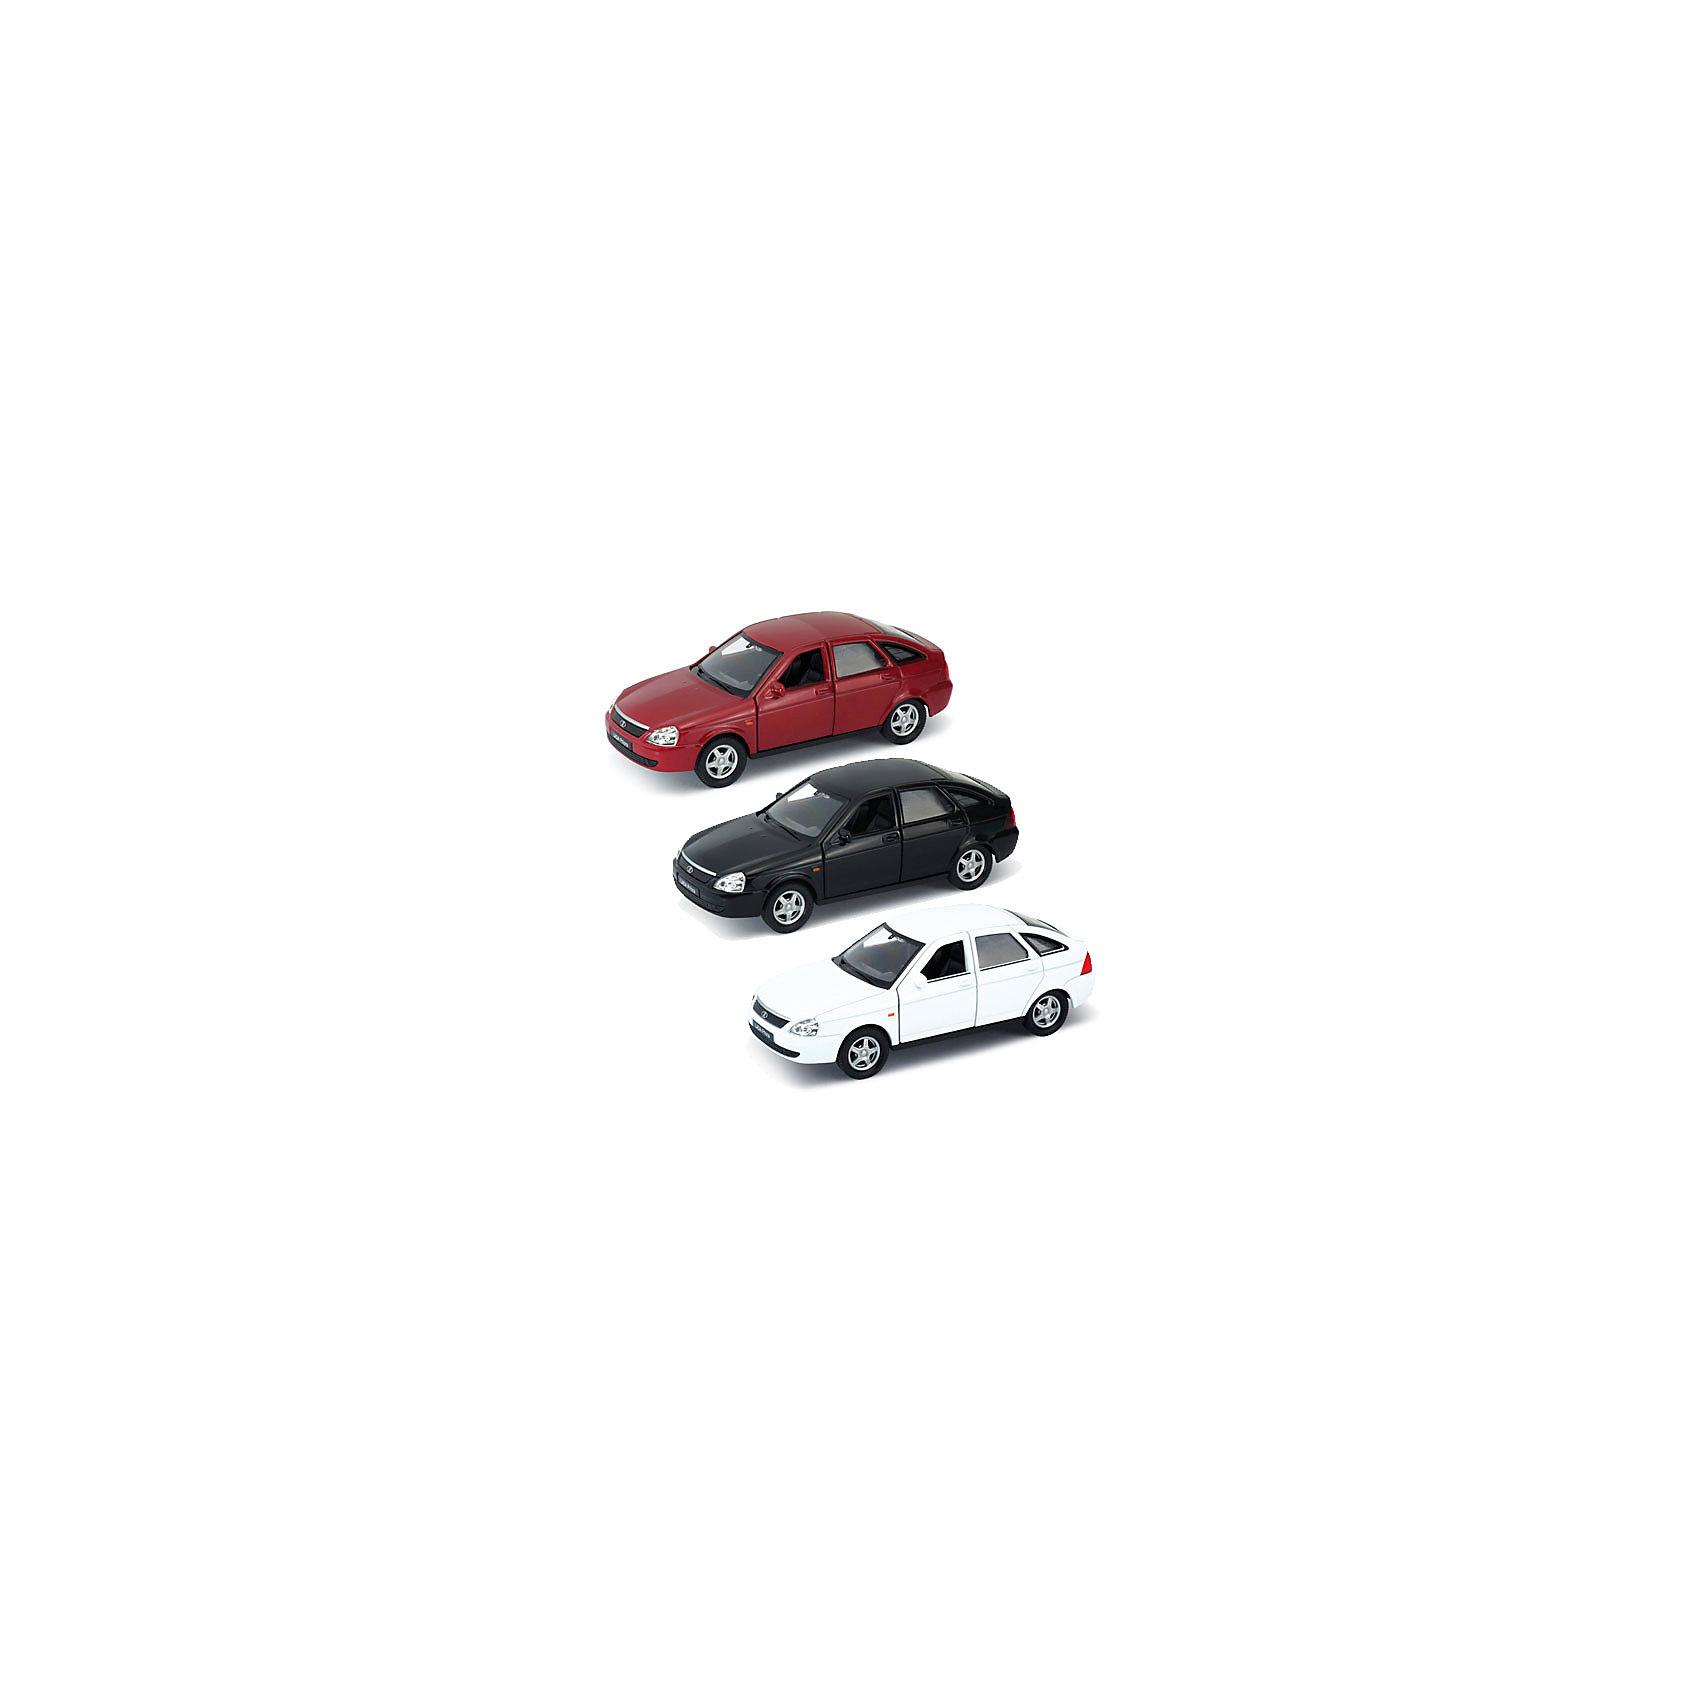 Модель машины  1:34-39 LADA PRIORA, белая, WellyХарактеристики:<br><br>• тип автомобиля: легковая машинка;<br>• открываются двери;<br>• прорезиненные колеса;<br>• инерционный механизм;<br>• масштаб: 1:34-39;<br>• материал: металл, пластик, резина;<br>• размер упаковки: 15х11х6 см<br><br>Инерционная машинка Lada Priora с открывающимися дверьми, инерционным механизмом и прорезиненными колесами. Чтобы запустить машинку, необходимо слегка потянуть машинку назад и отпустить. <br><br>Модель машины 1:34-39 LADA PRIORA, белая, Welly можно купить в нашем магазине.<br><br>Ширина мм: 60<br>Глубина мм: 115<br>Высота мм: 145<br>Вес г: 161<br>Возраст от месяцев: 36<br>Возраст до месяцев: 2147483647<br>Пол: Мужской<br>Возраст: Детский<br>SKU: 5255017